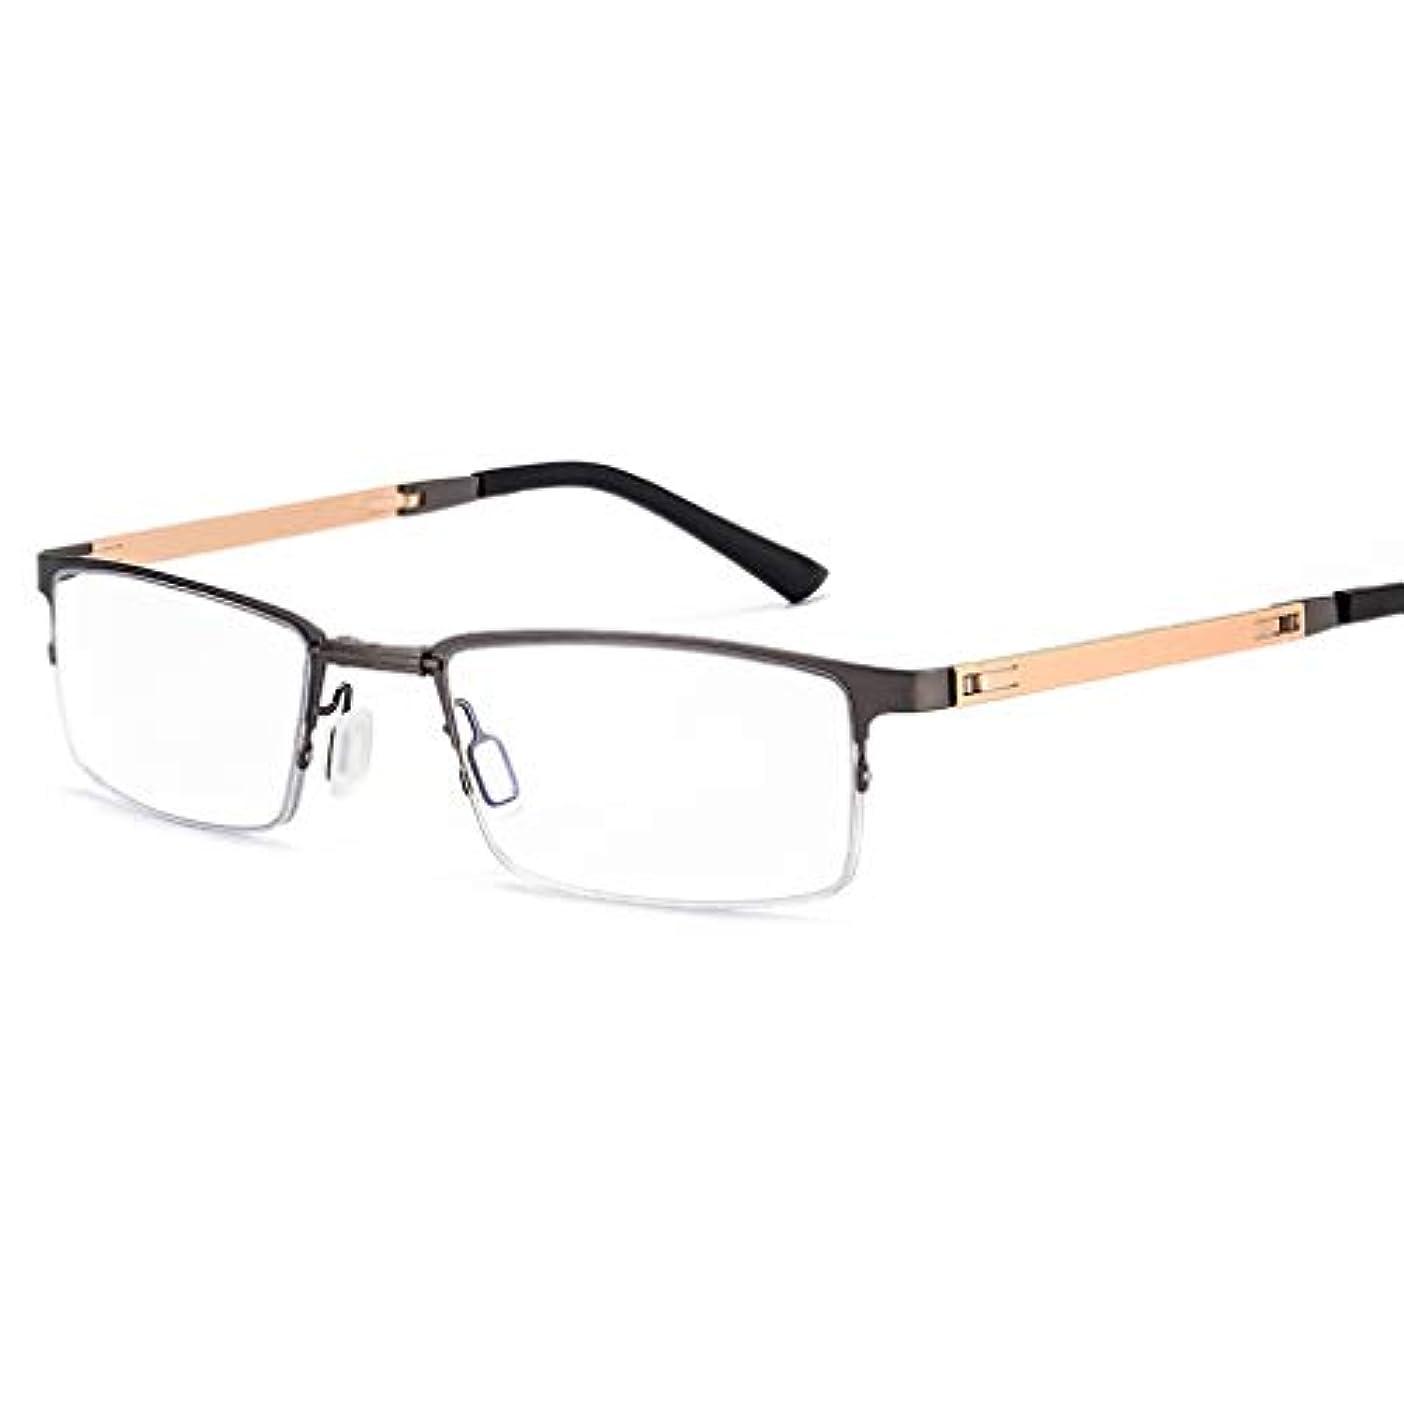 LCSHAN アンチブルーライト折りたたみ老眼鏡ポータブルウルトラライトHD TR 90抗疲労+2.0 (Color : Gray, Size : 250 degrees)